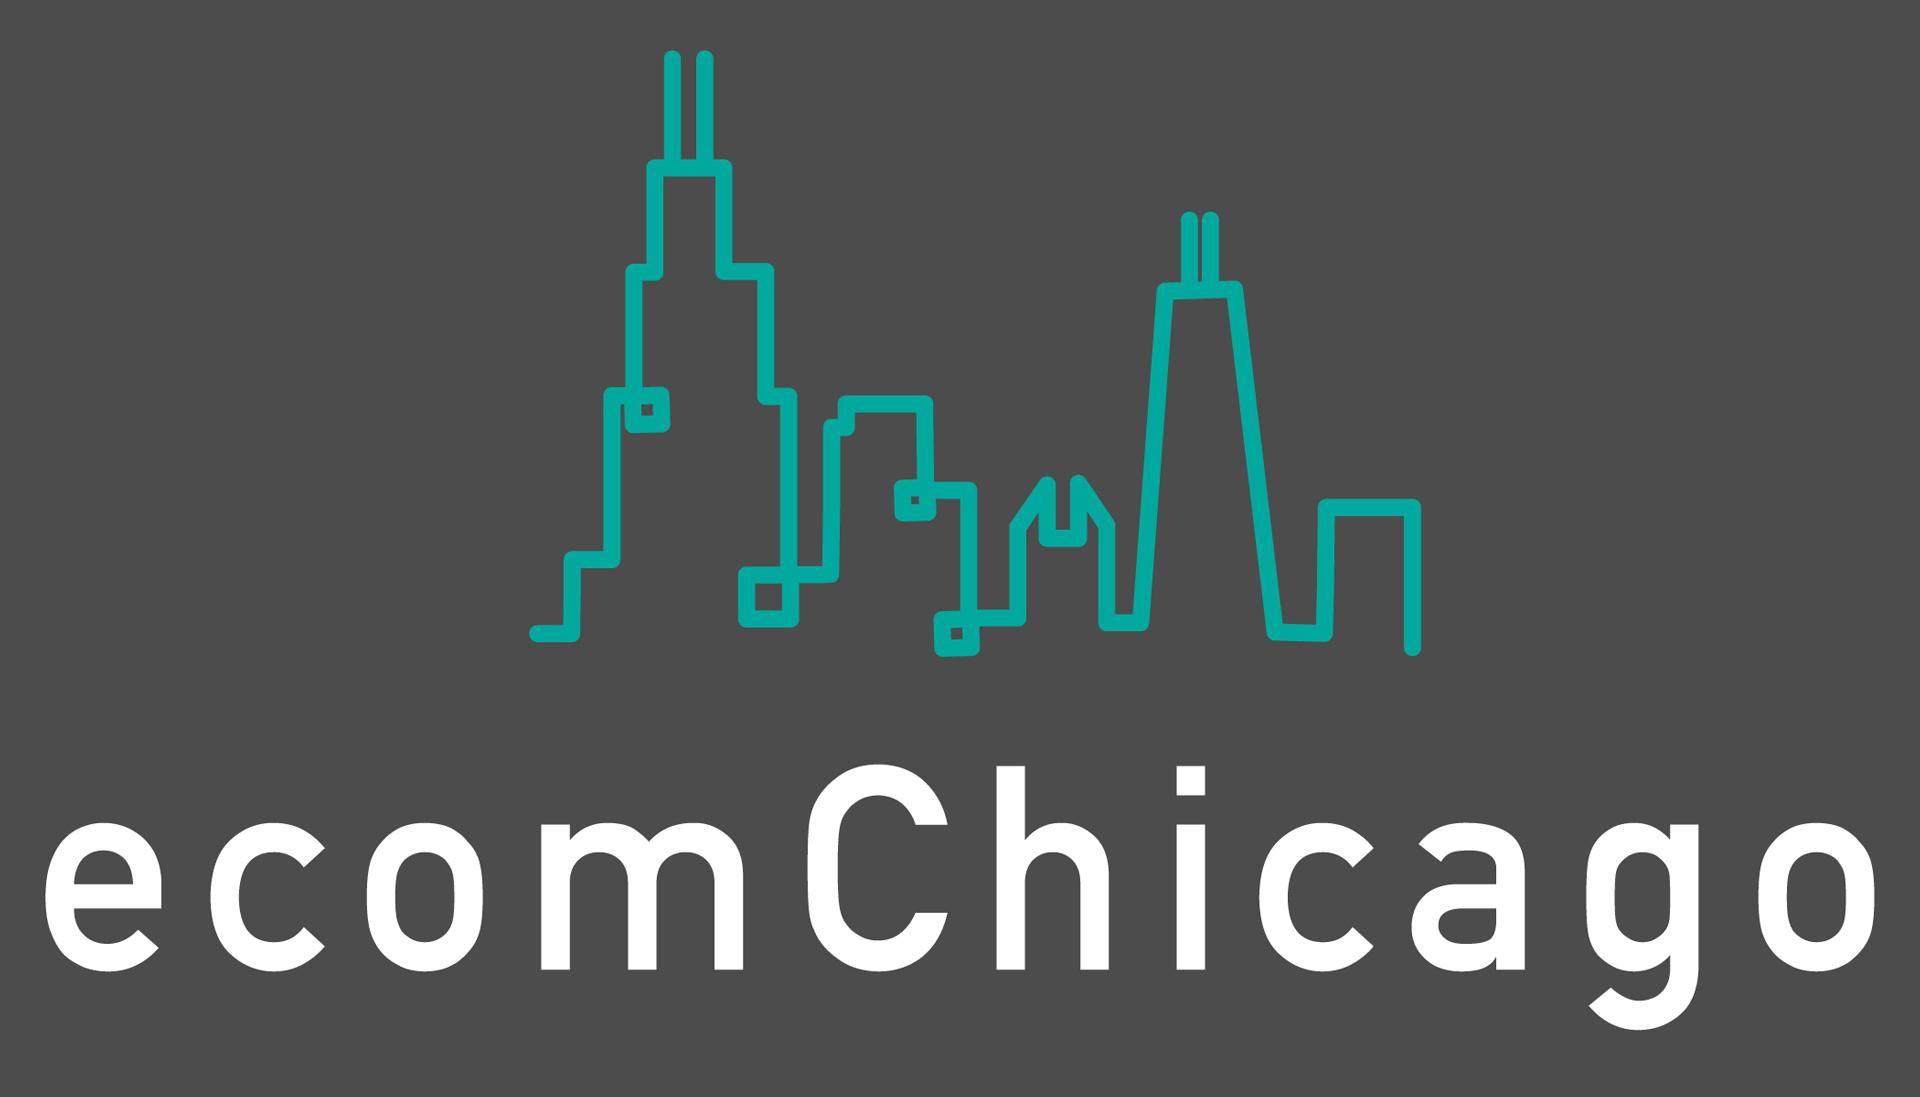 Event: eCom Chicago 2019